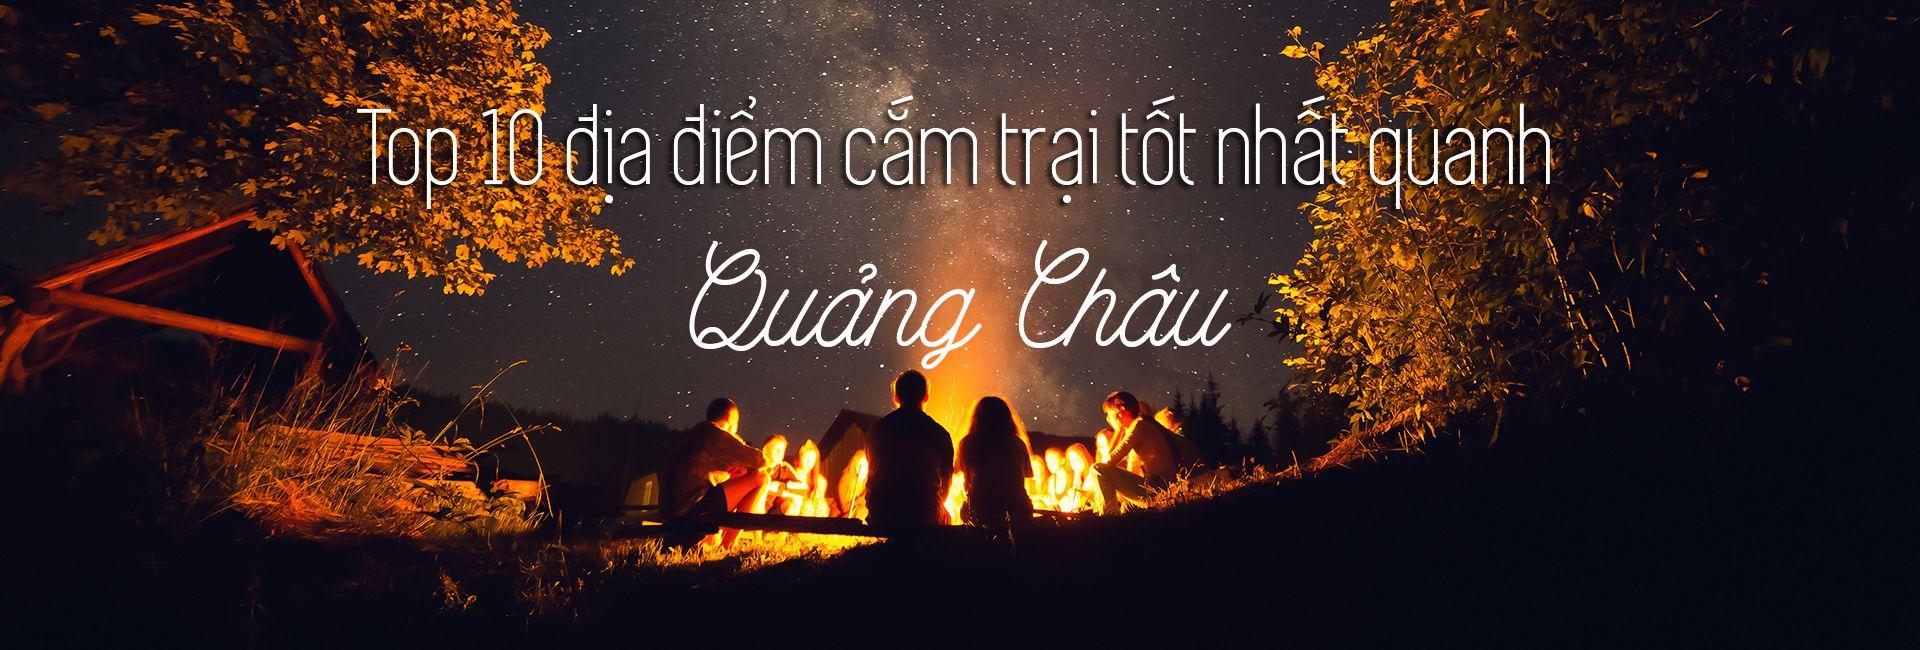 Top 10 địa điểm cắm trại ở Quảng Châu, Trung Quốc